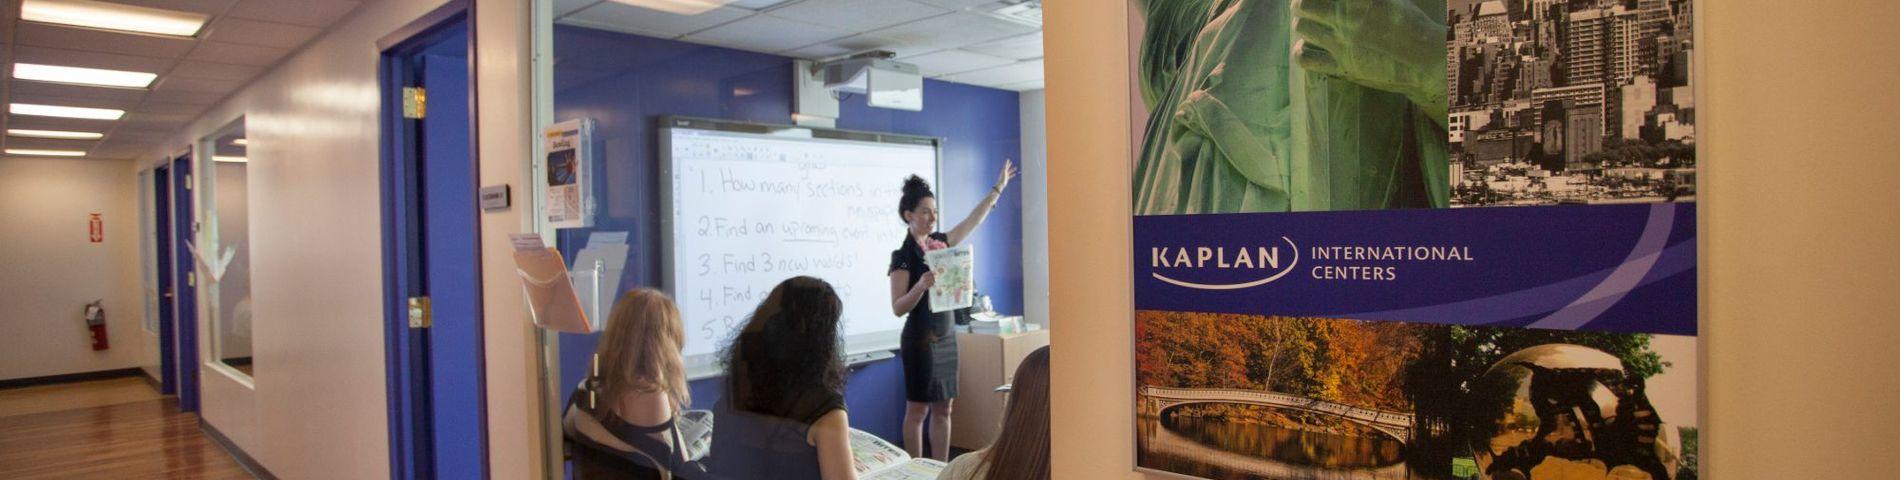 Kaplan International Languages billede 1